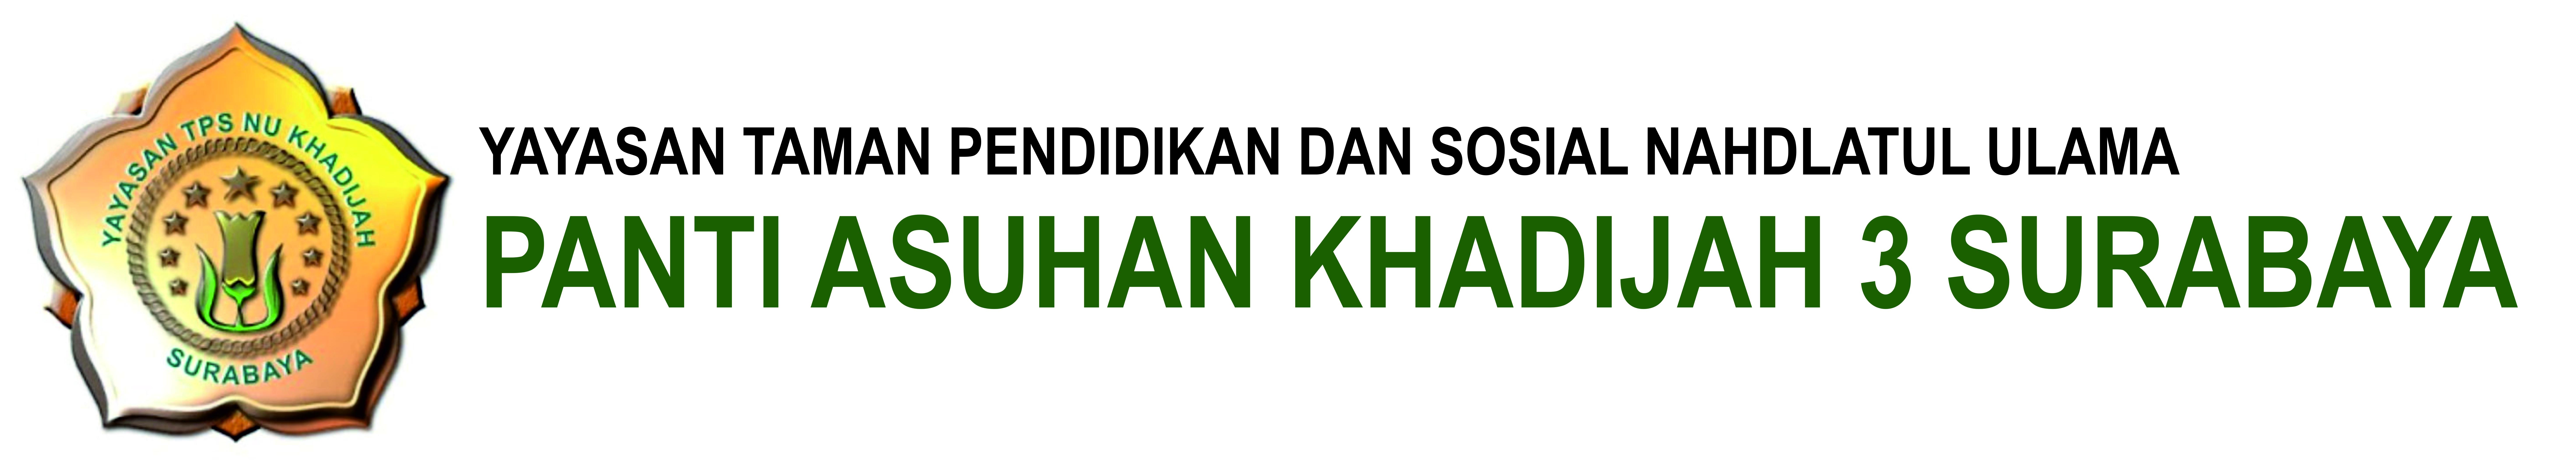 Panti Khadijah 3